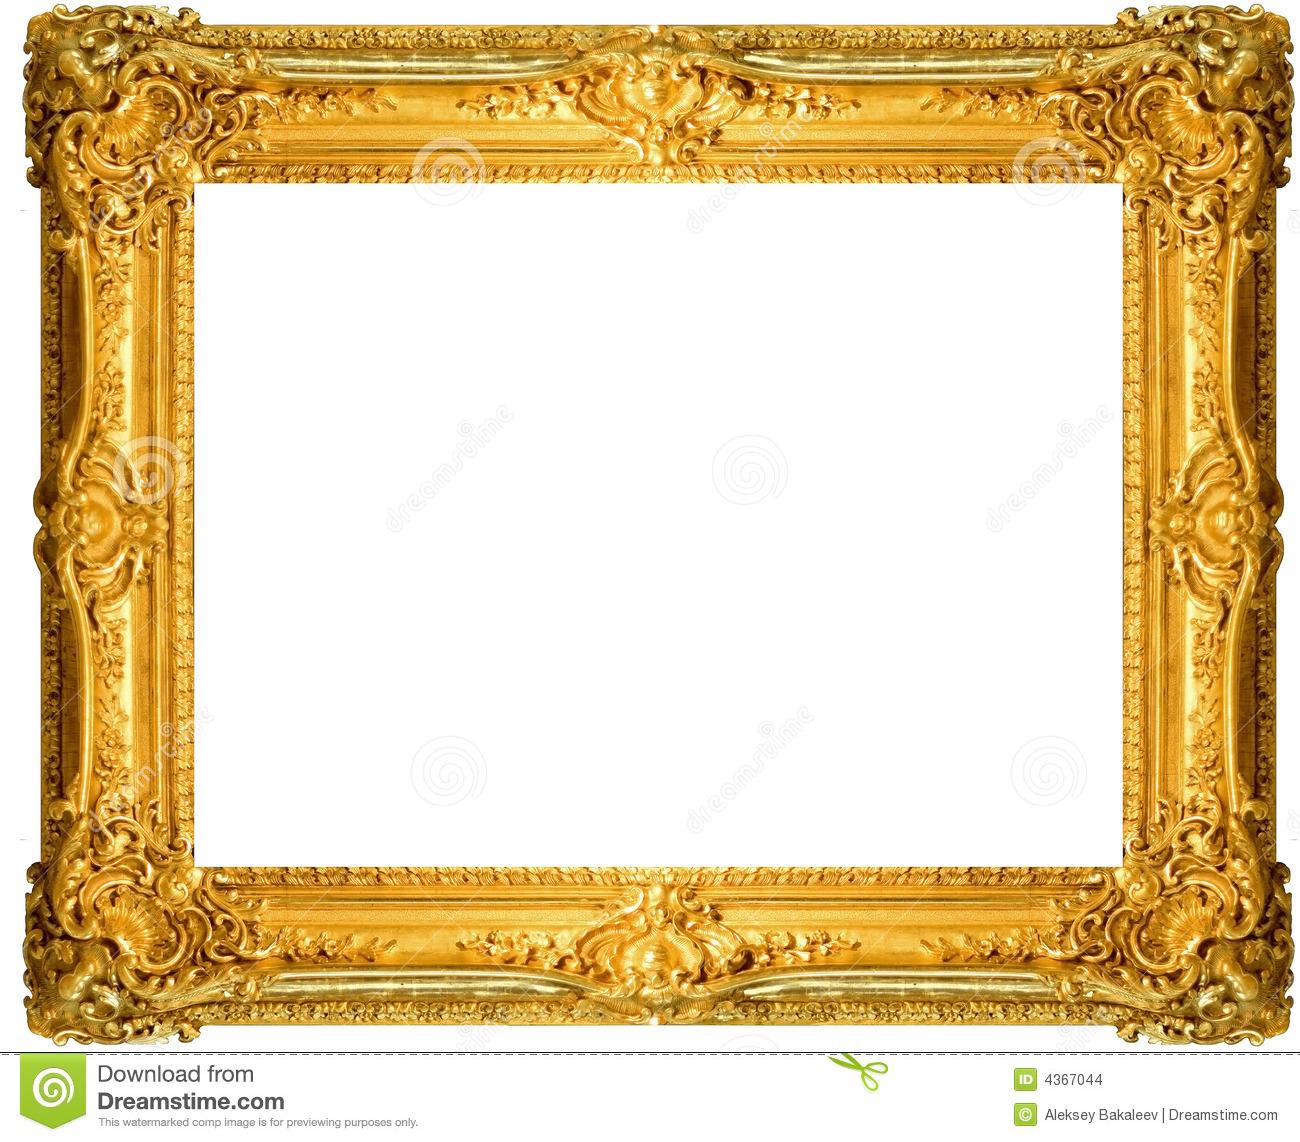 Go Back Images For Gold Frame .-Go Back Images For Gold Frame .-15